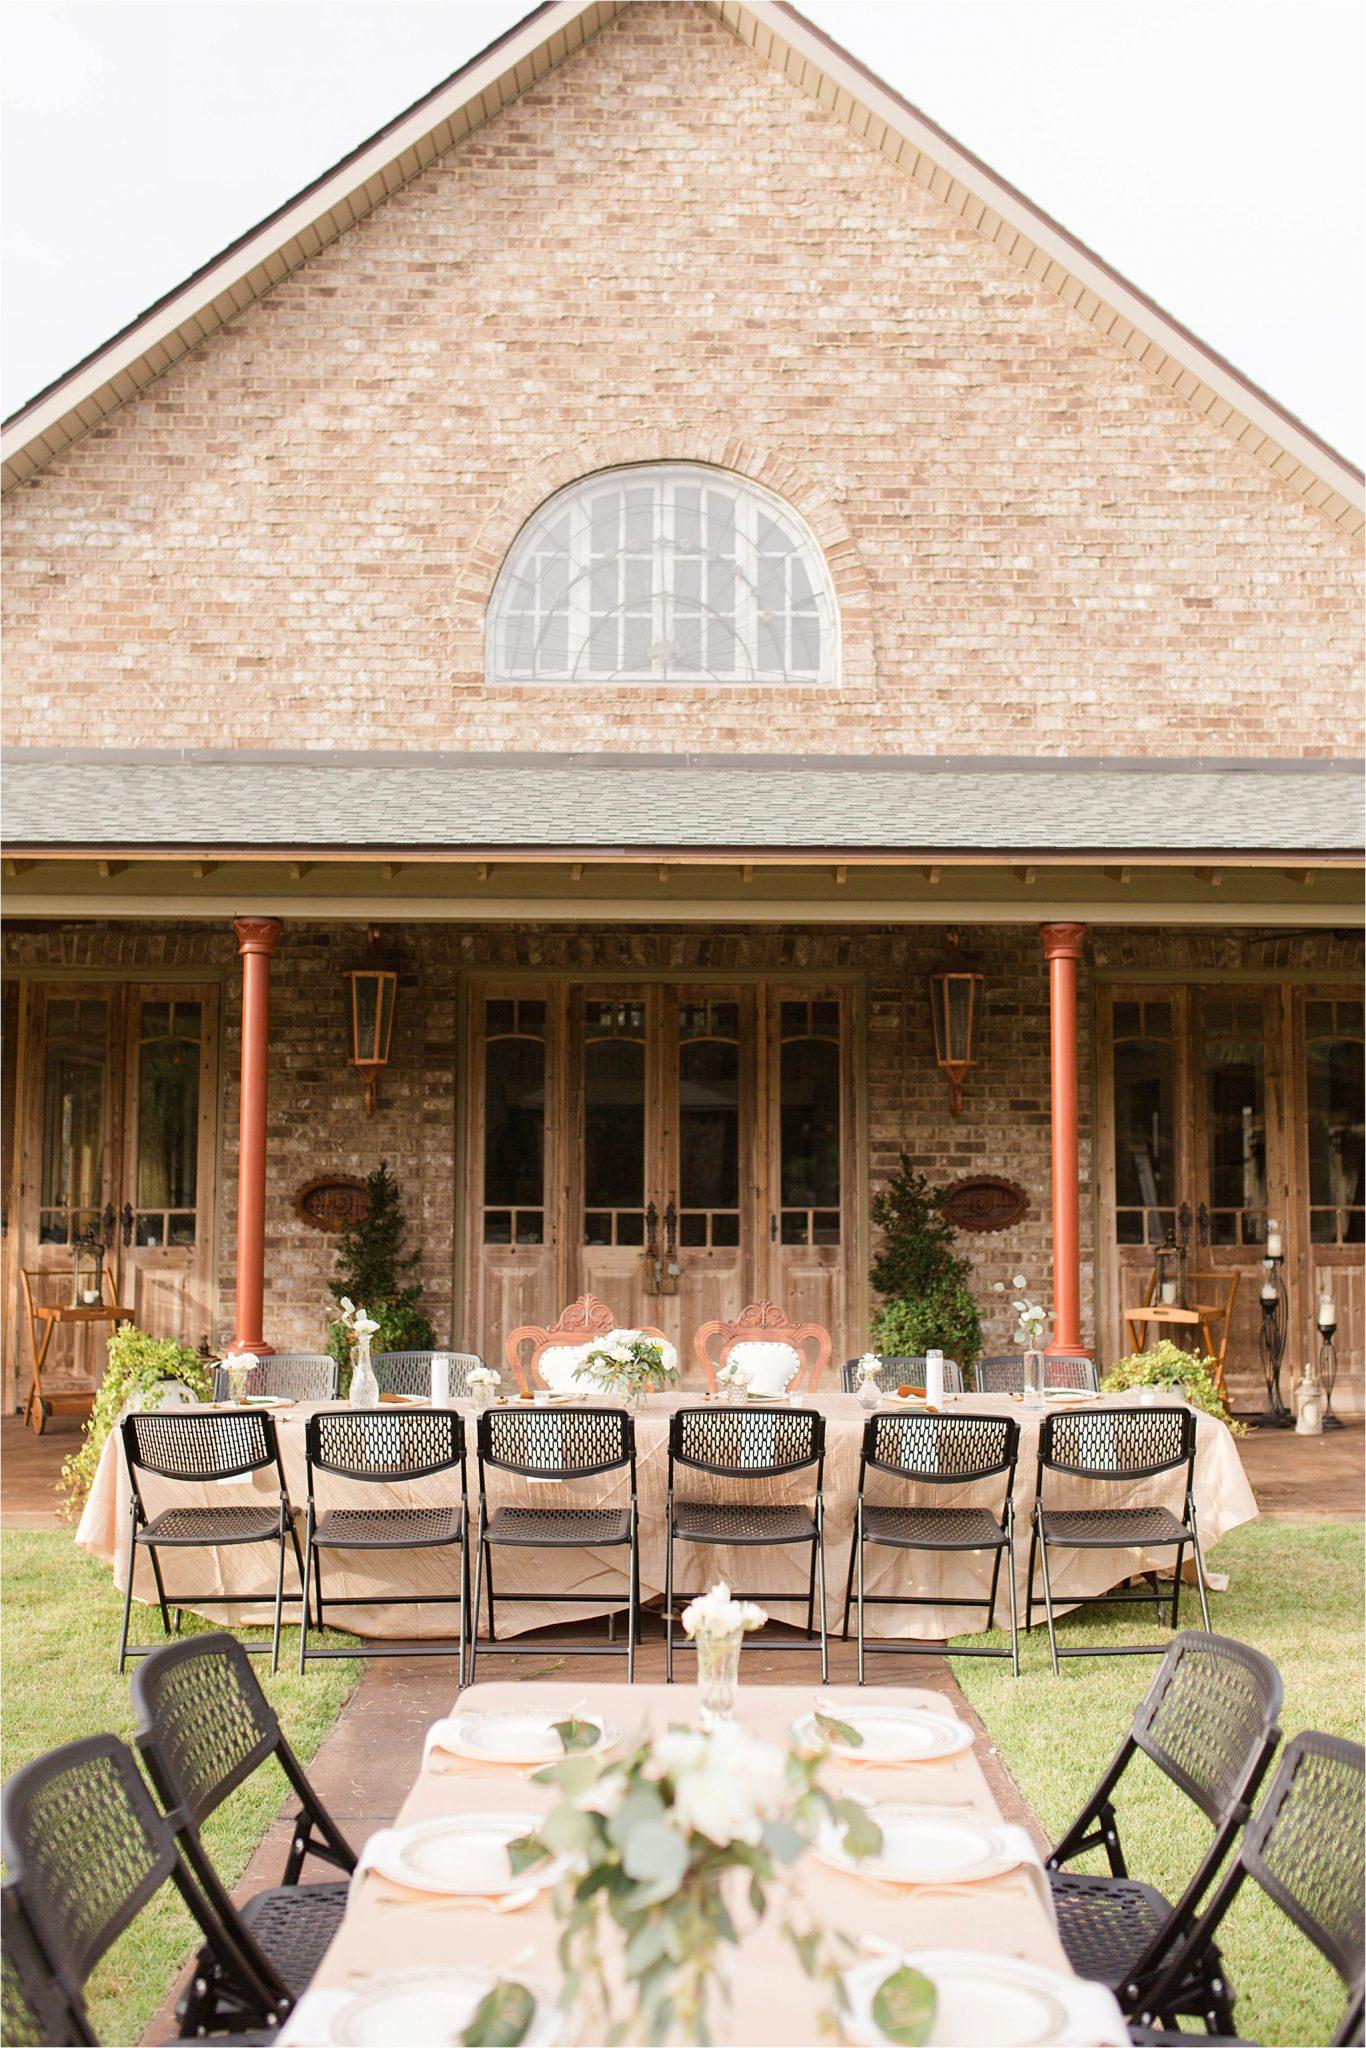 bride-groom-reception-wedding-chairs-tables-alabama-locations-venues